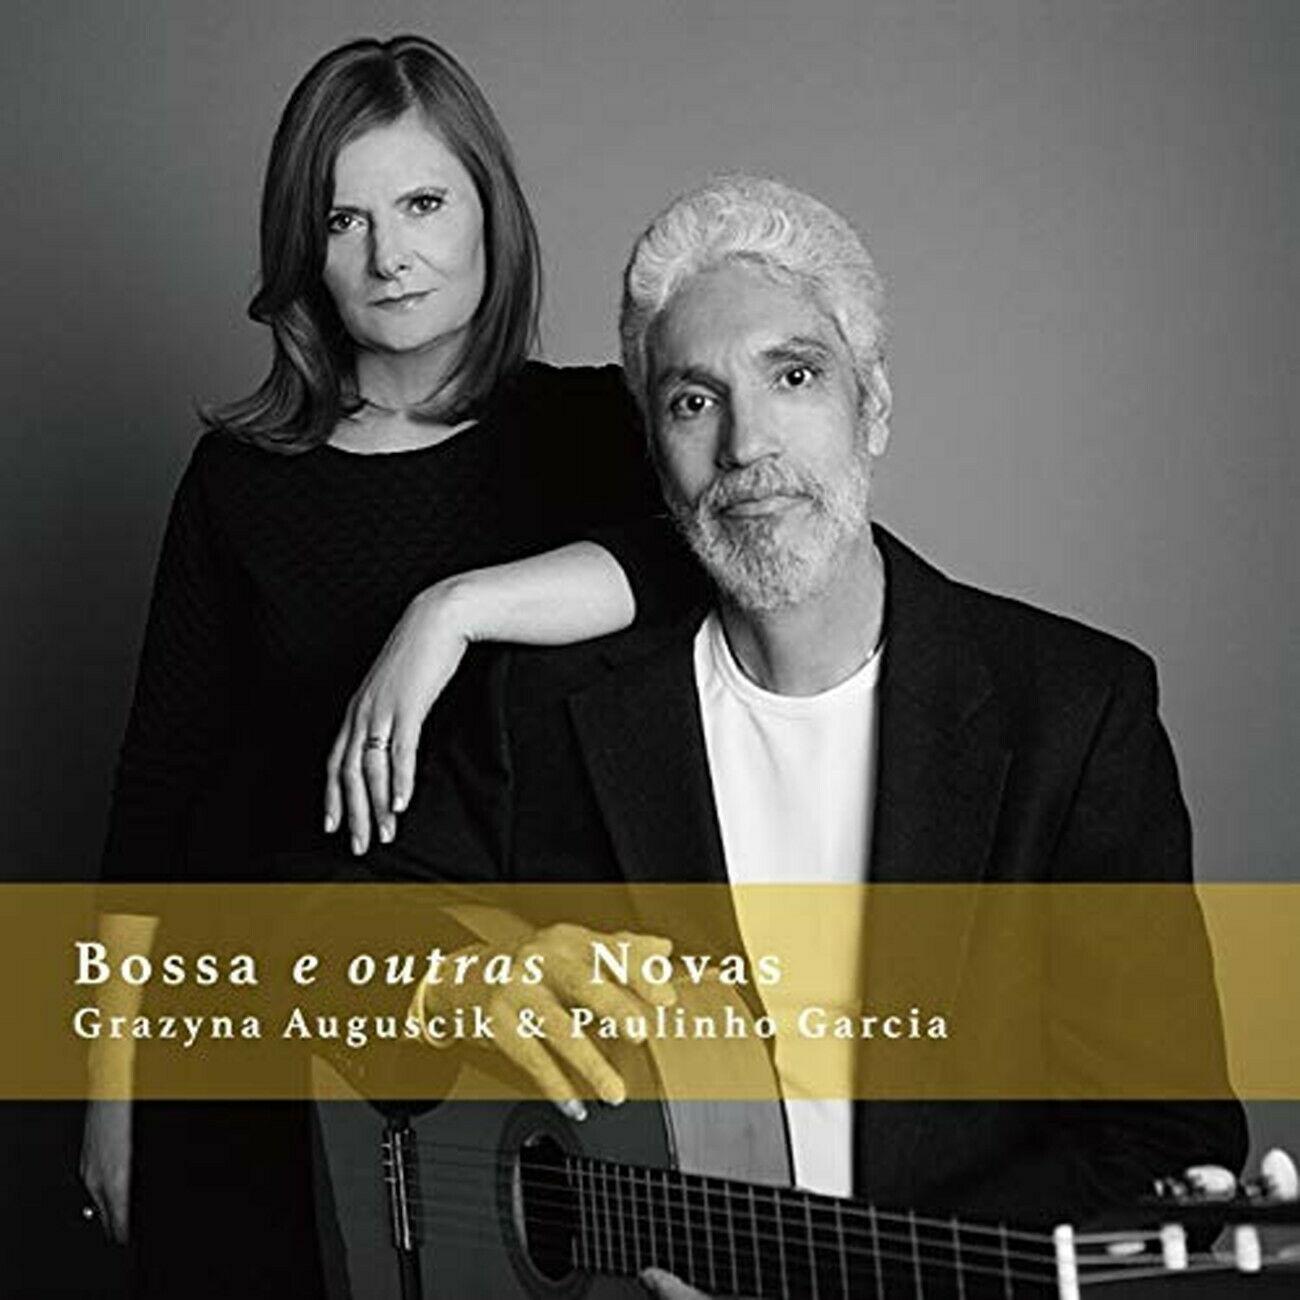 GRAŻYNA AUGUŚCIK - Grażyna Auguścik & Paulinho Garcia : Bossa e Outras Novas cover